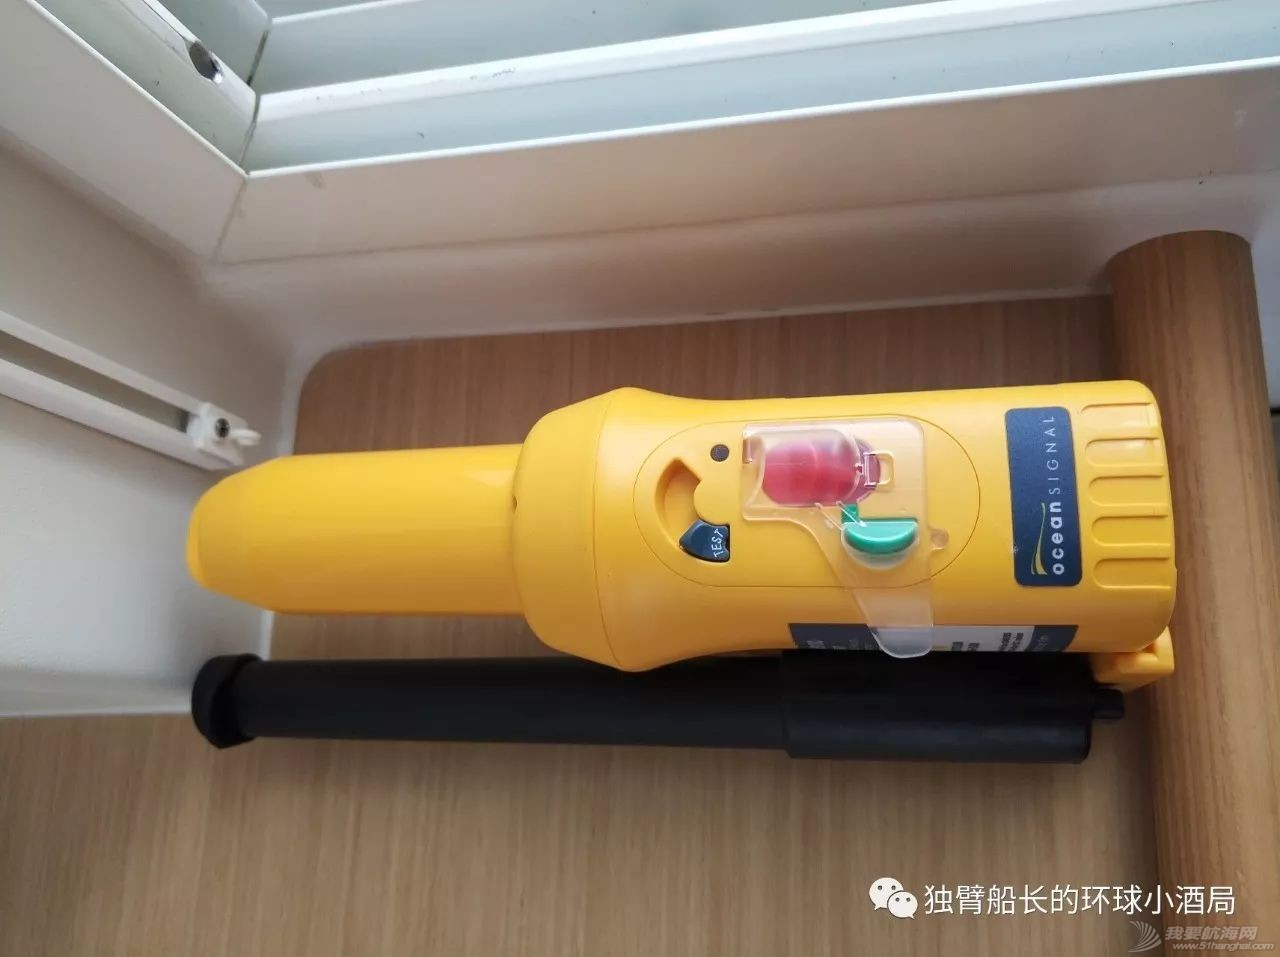 【梦想号环球航海课堂】环球航海不可不知的安全设备w27.jpg